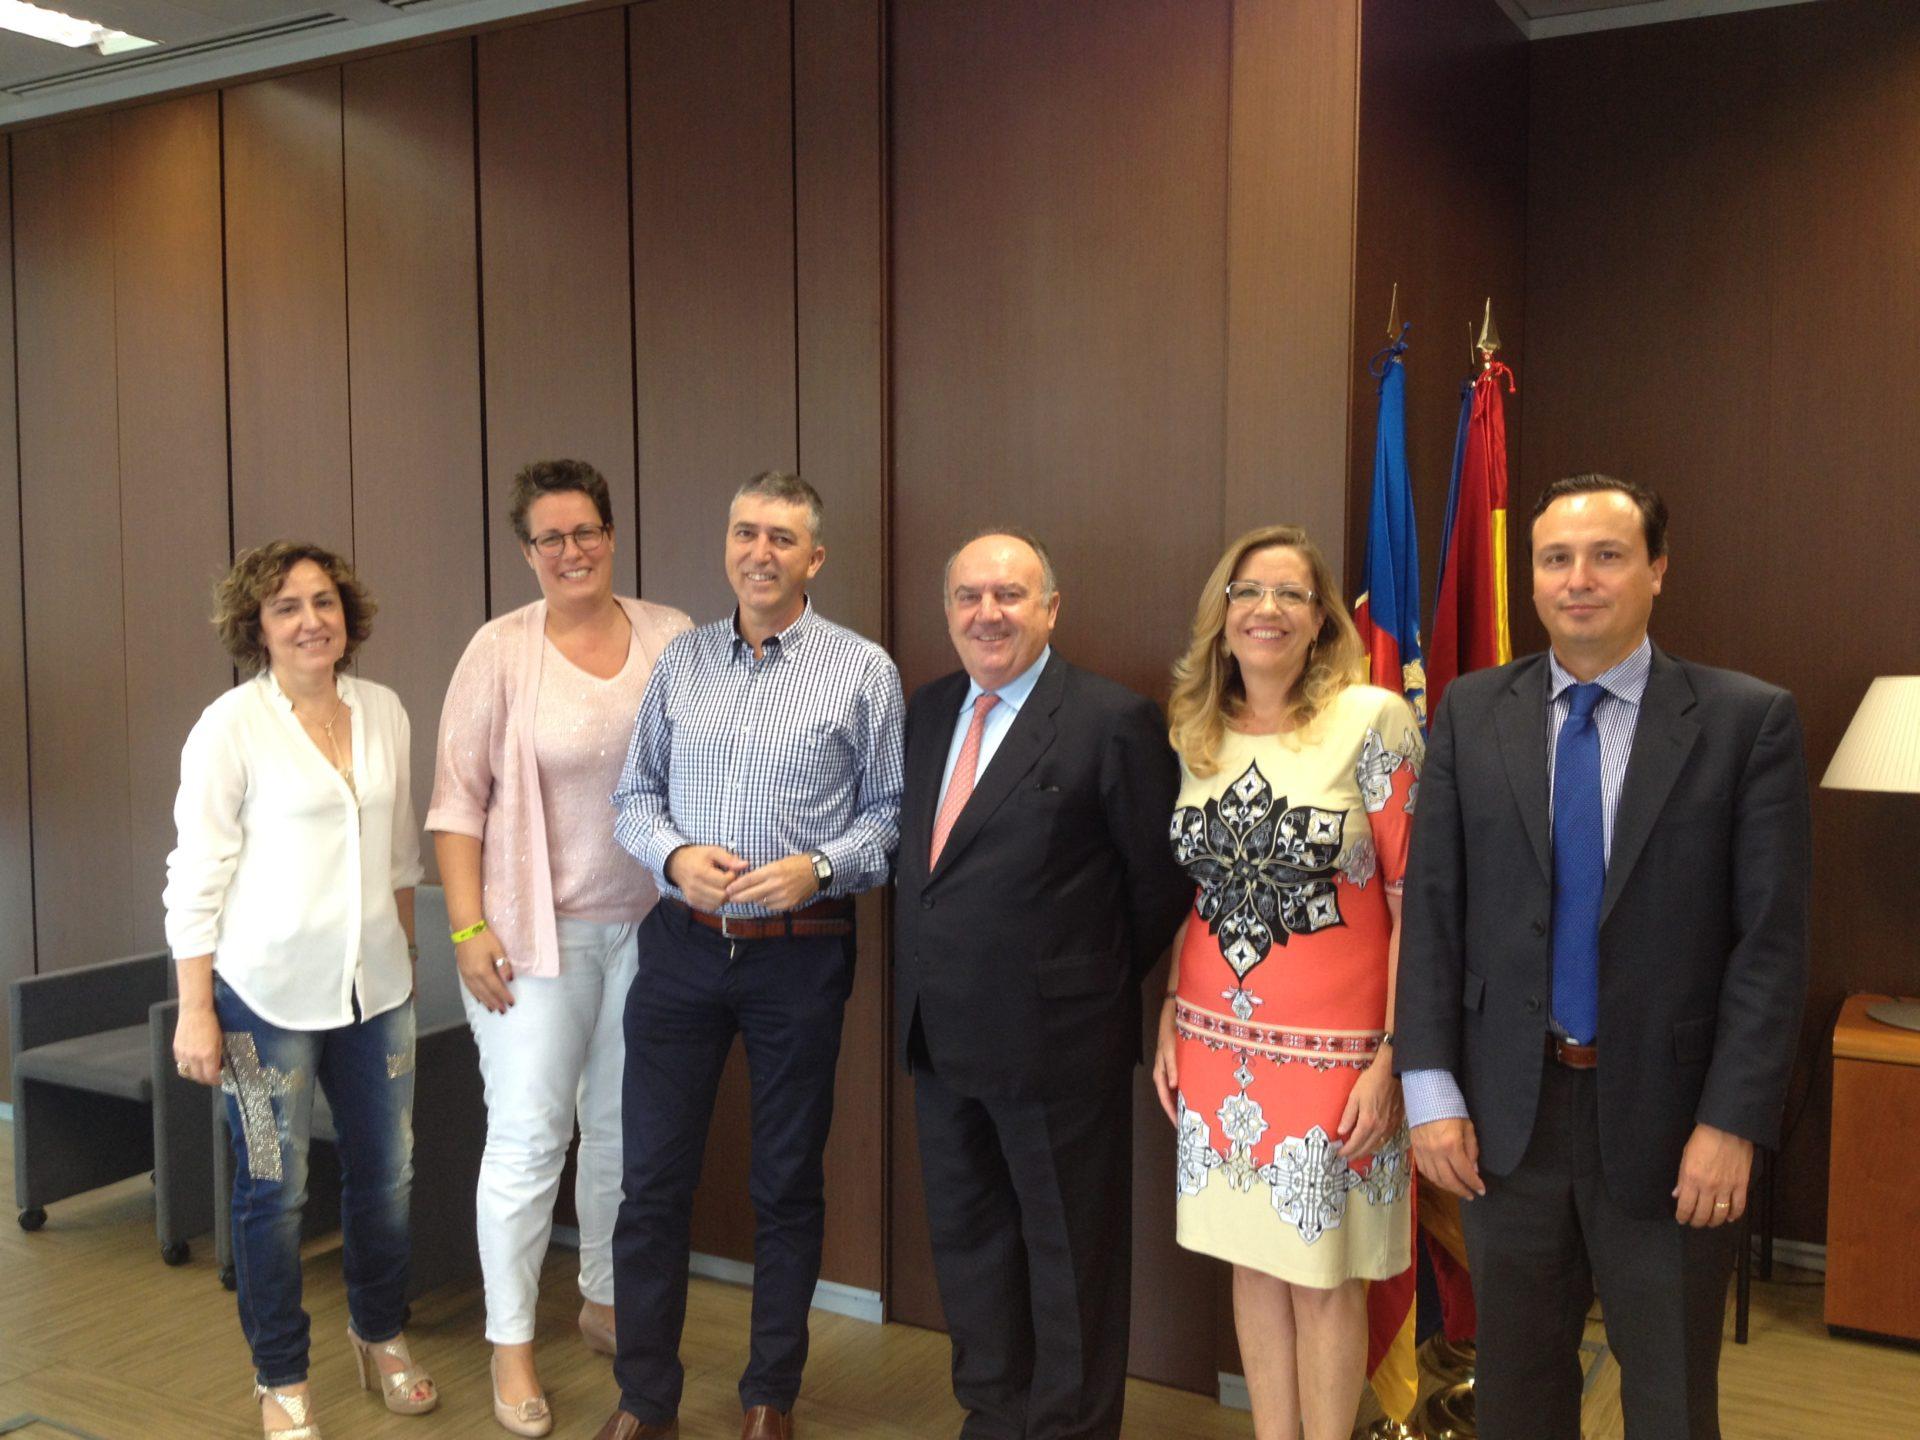 FEPEVAL se reúne con el Conseller de Economía Sostenible Rafael Climent para la mejora de la gestión de las áreas empresariales de la Comunitat Valenciana.